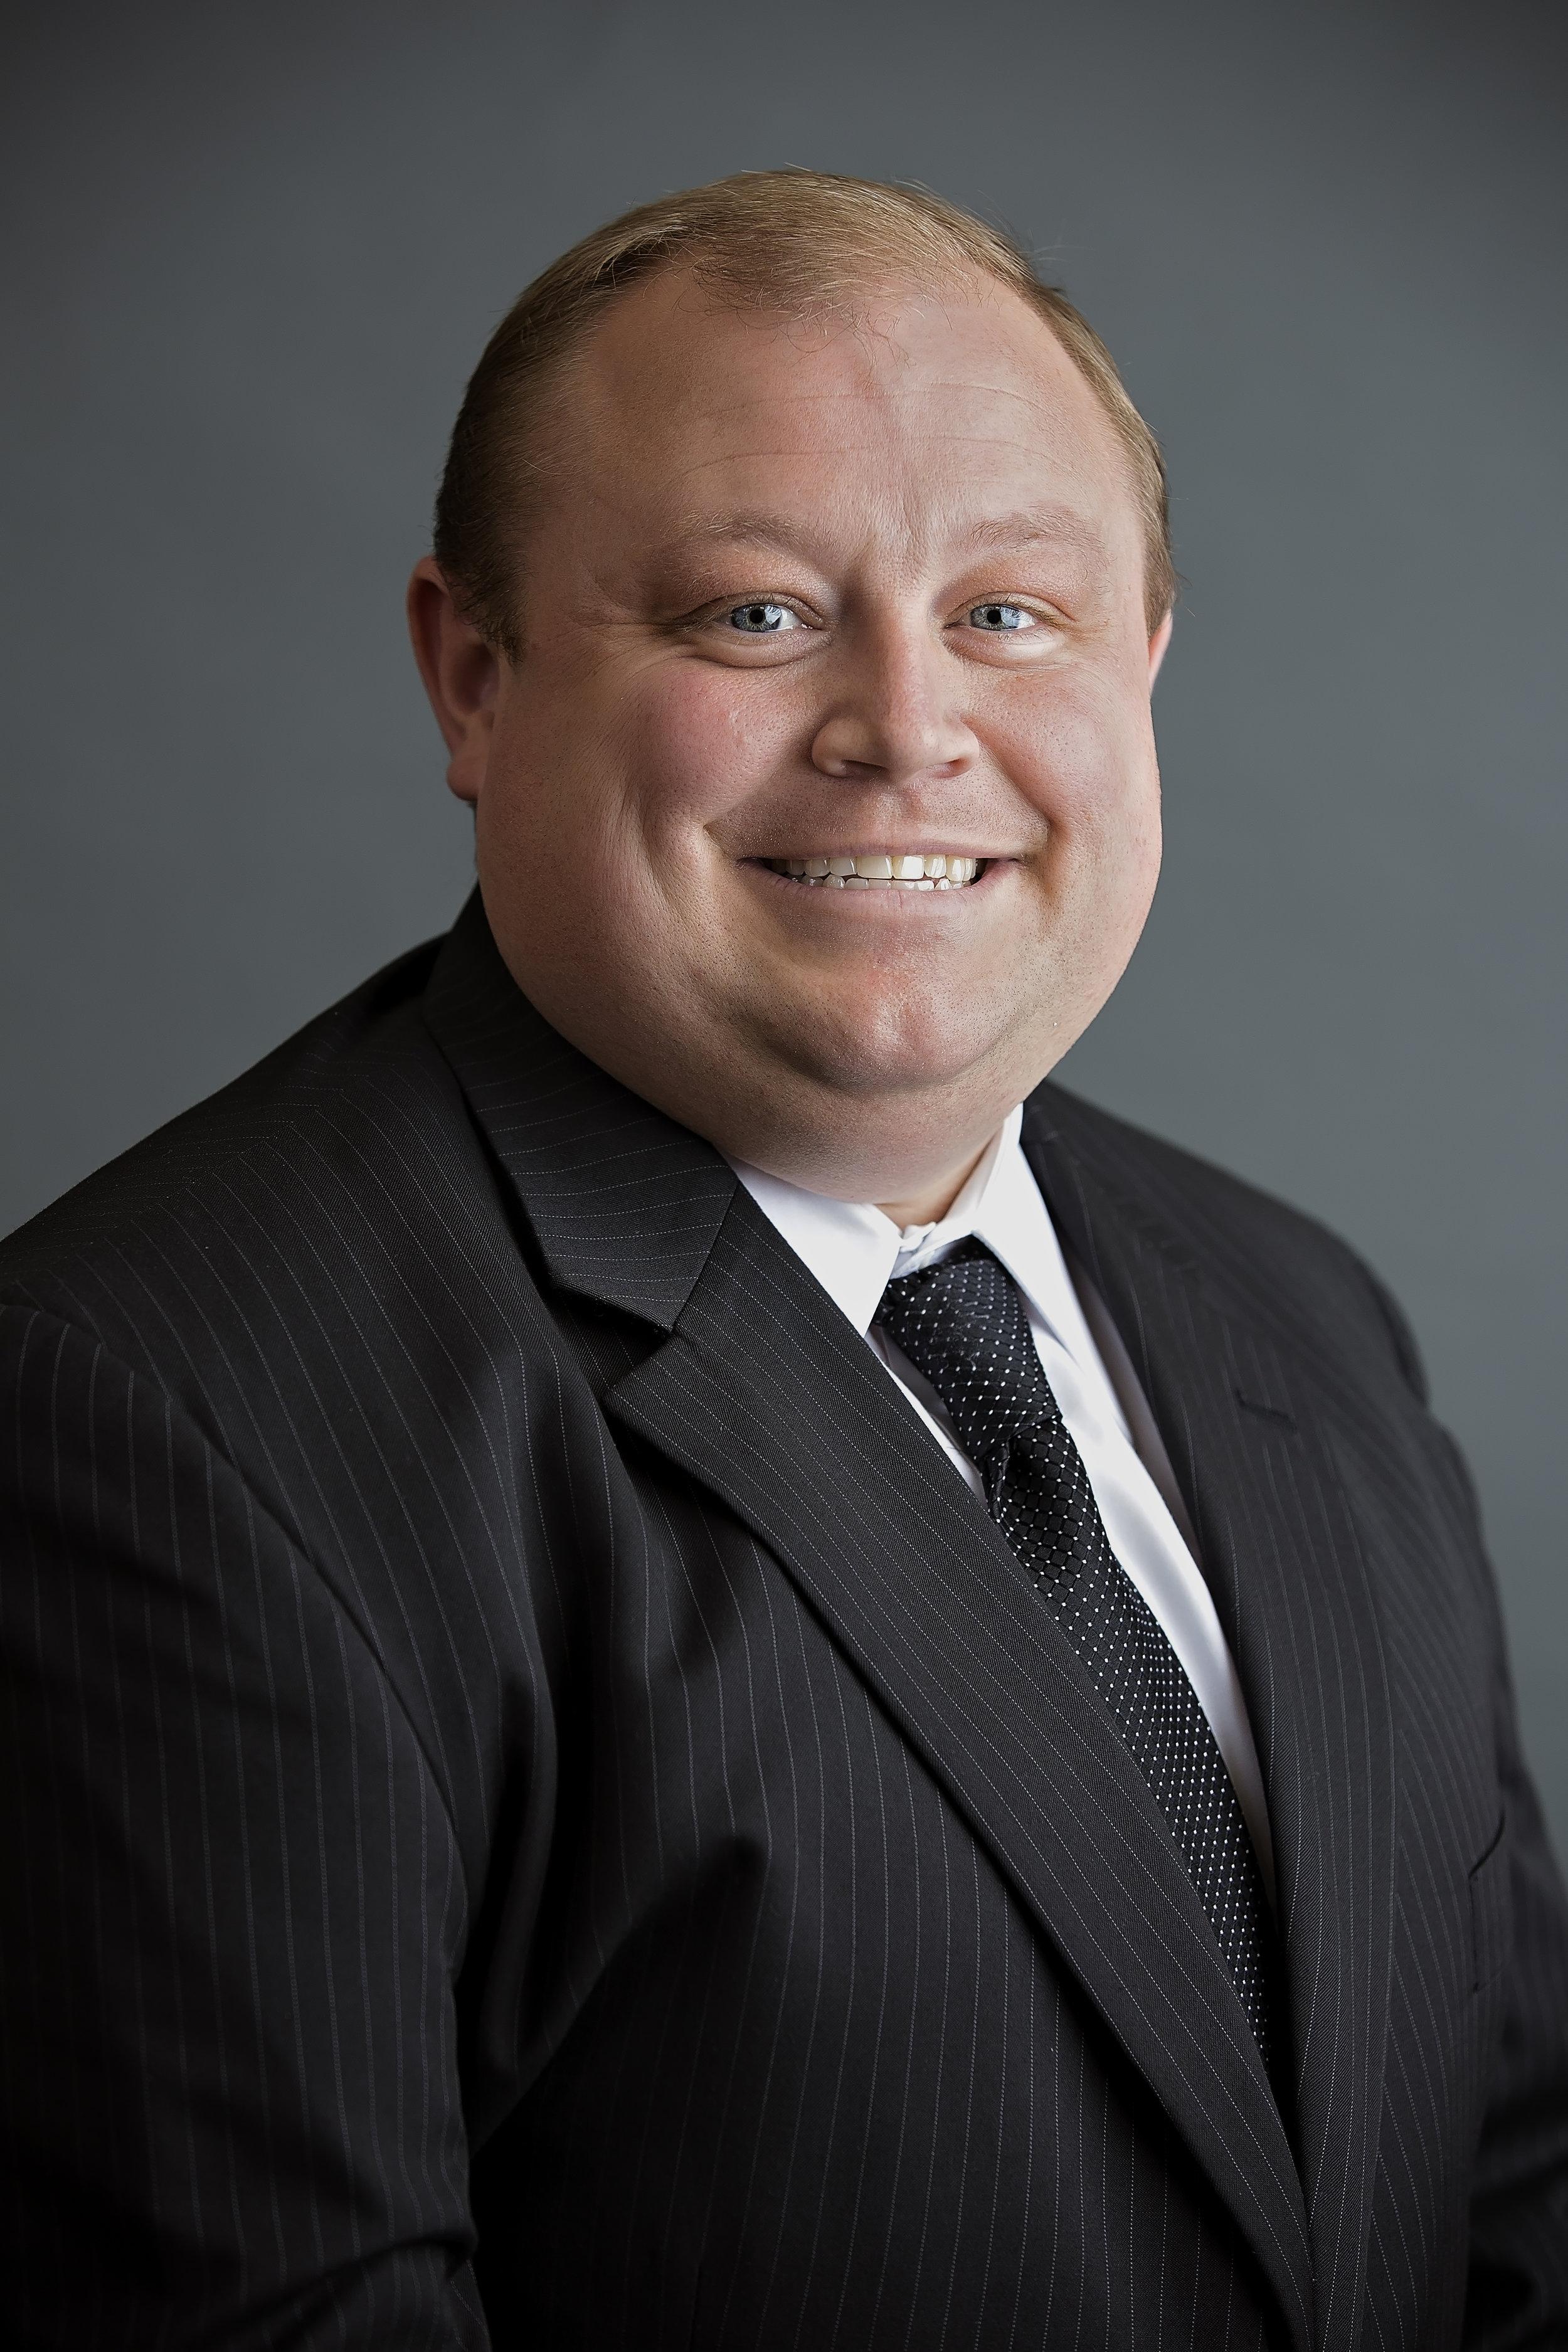 Josh Hanlin, Treasurer  josh_hanlin@jeffersonbank.com   573-634-0871